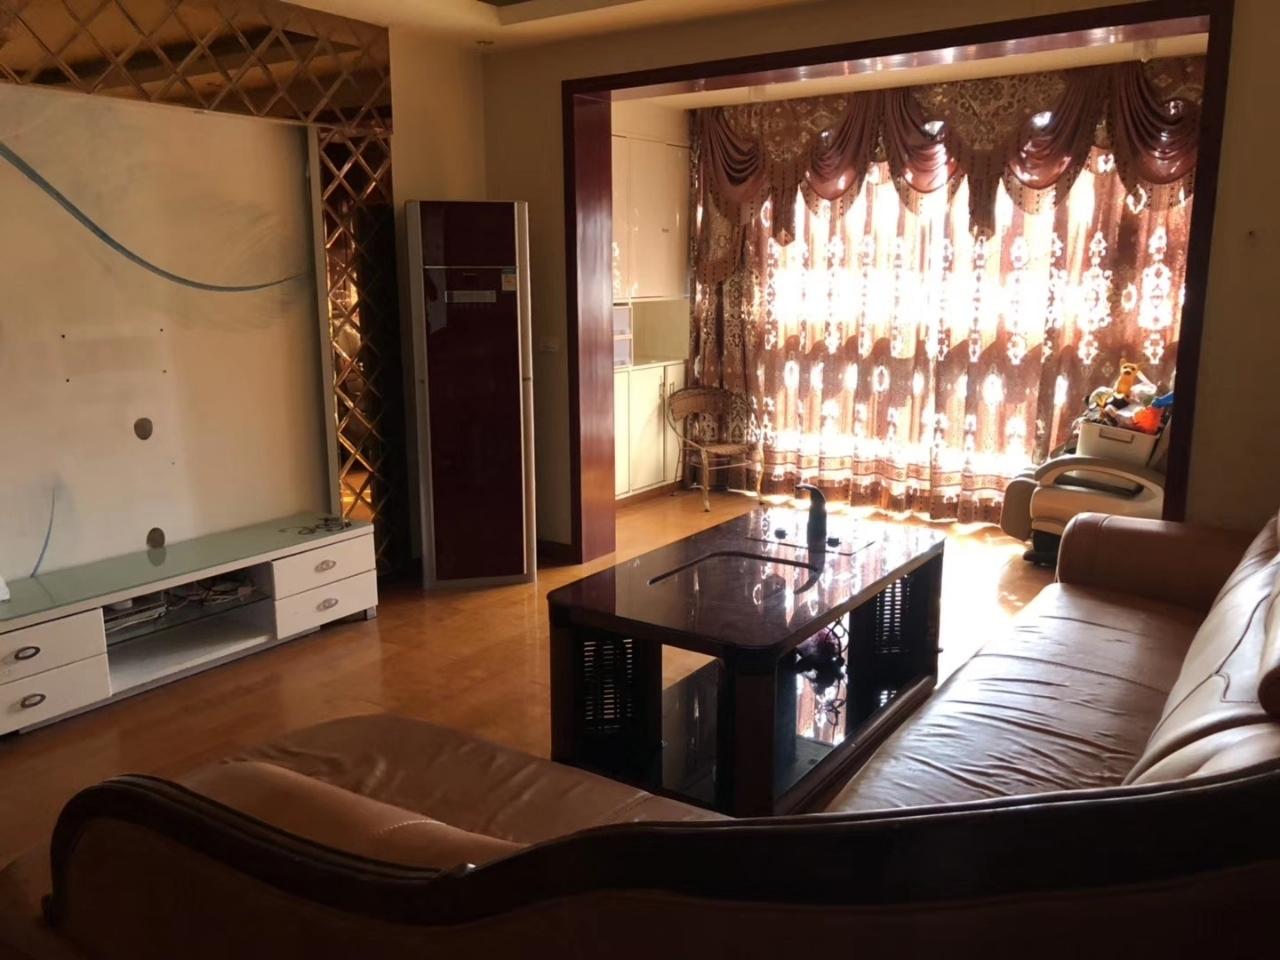 超一·时代广场3室 2厅 2卫99.8万元